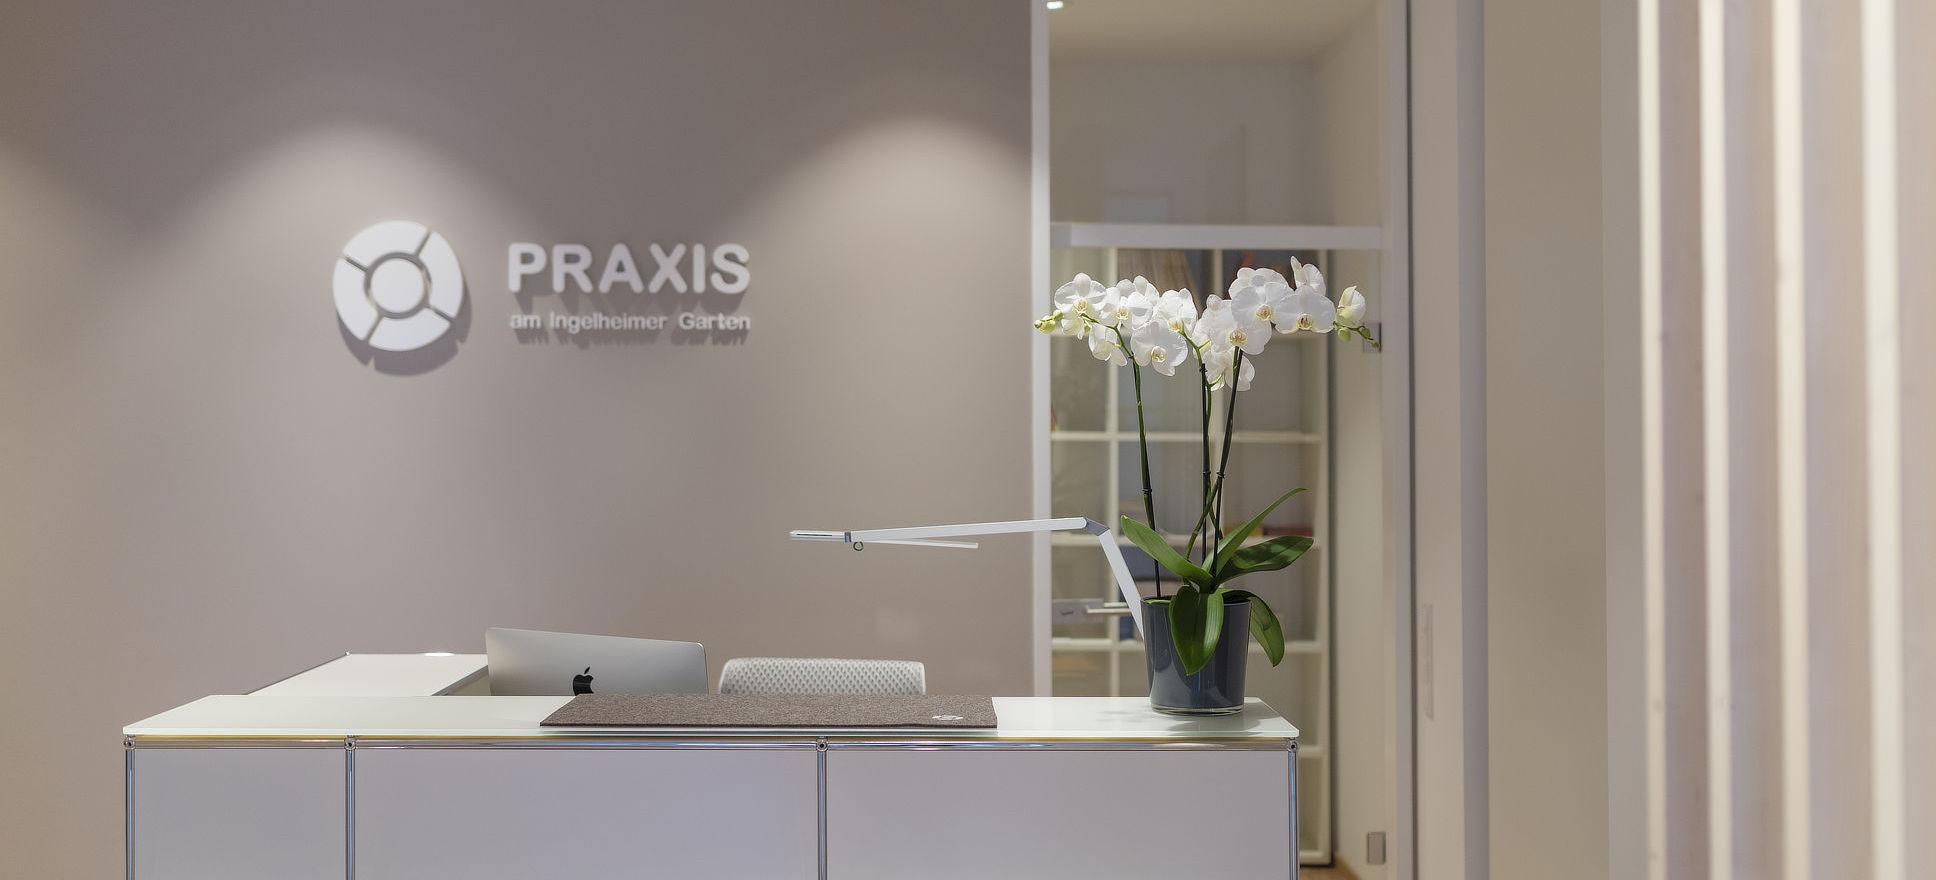 Praxis-am-Ingelheimer-Garten-Banner